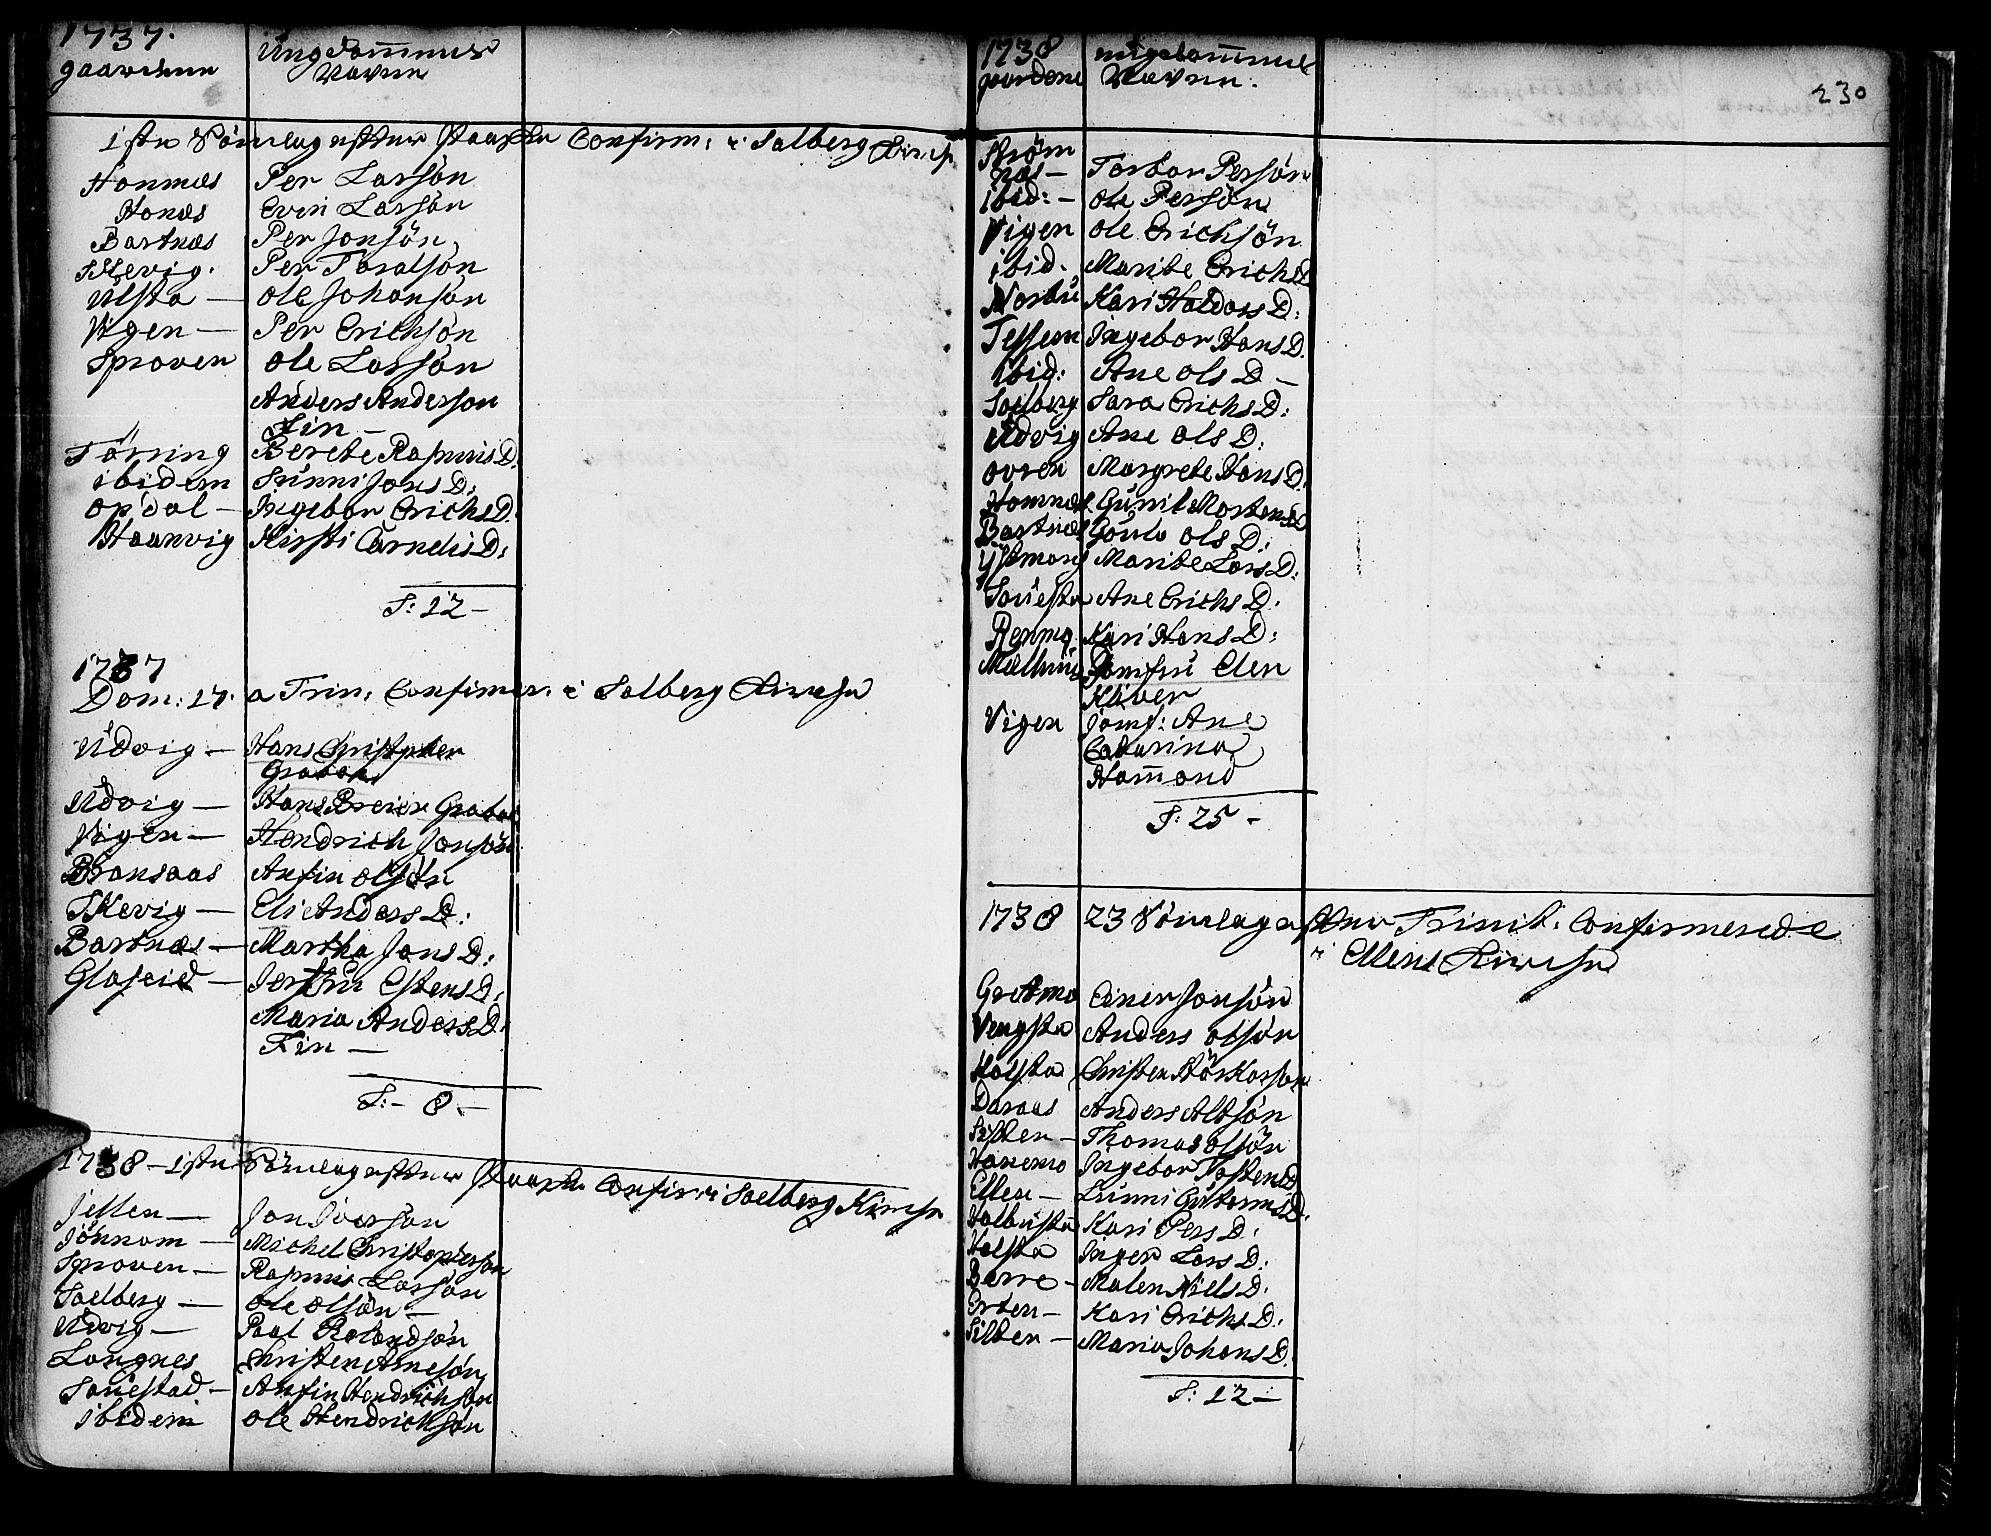 SAT, Ministerialprotokoller, klokkerbøker og fødselsregistre - Nord-Trøndelag, 741/L0385: Ministerialbok nr. 741A01, 1722-1815, s. 230